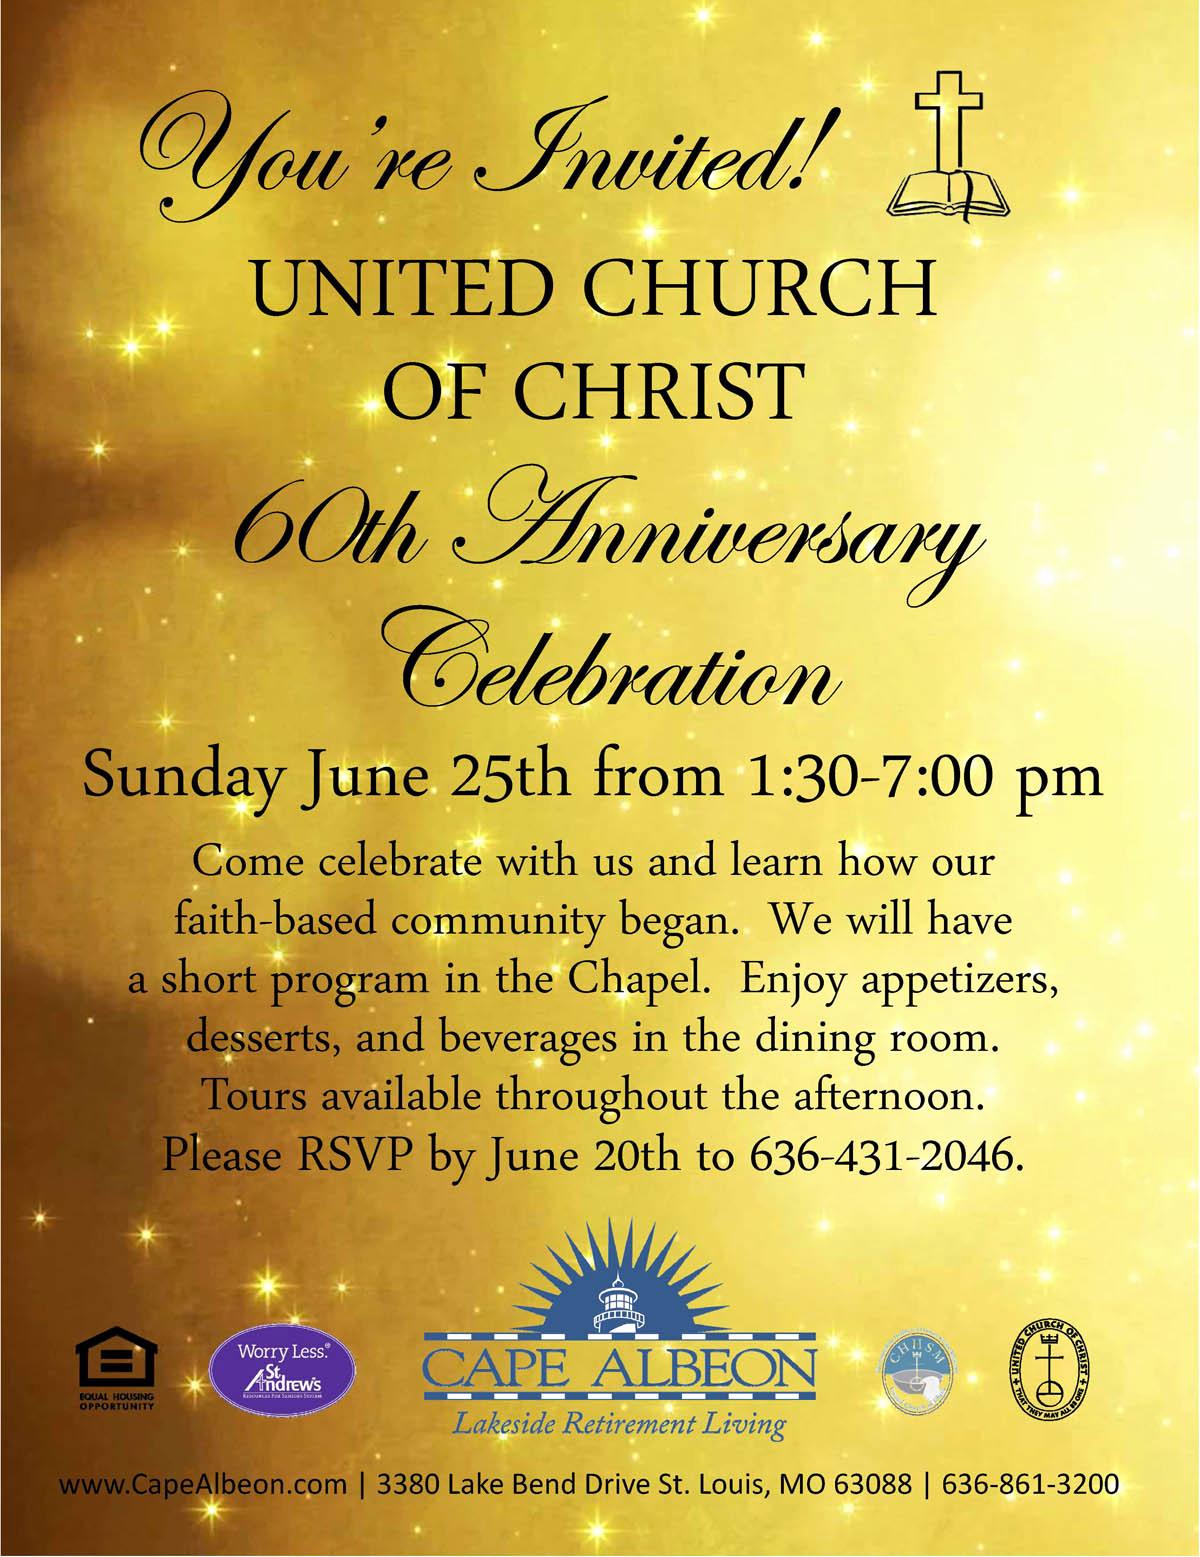 Church Anniversary Invitation Cards Unique United Church Christ 60th Anniversary Celebration